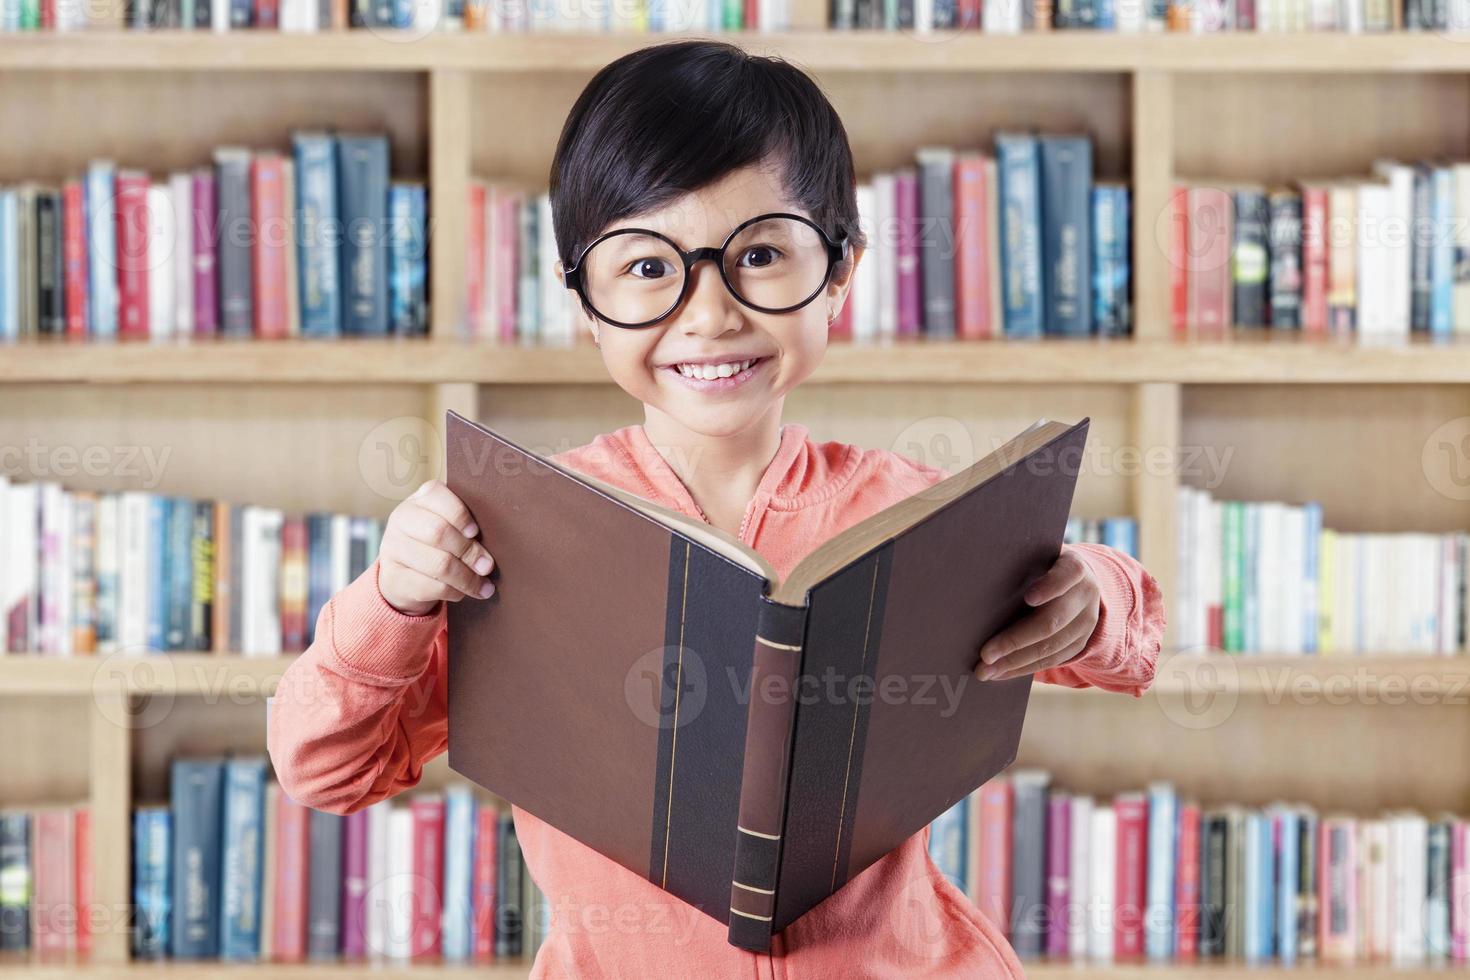 ragazza in piedi in biblioteca durante la lettura del libro di testo foto